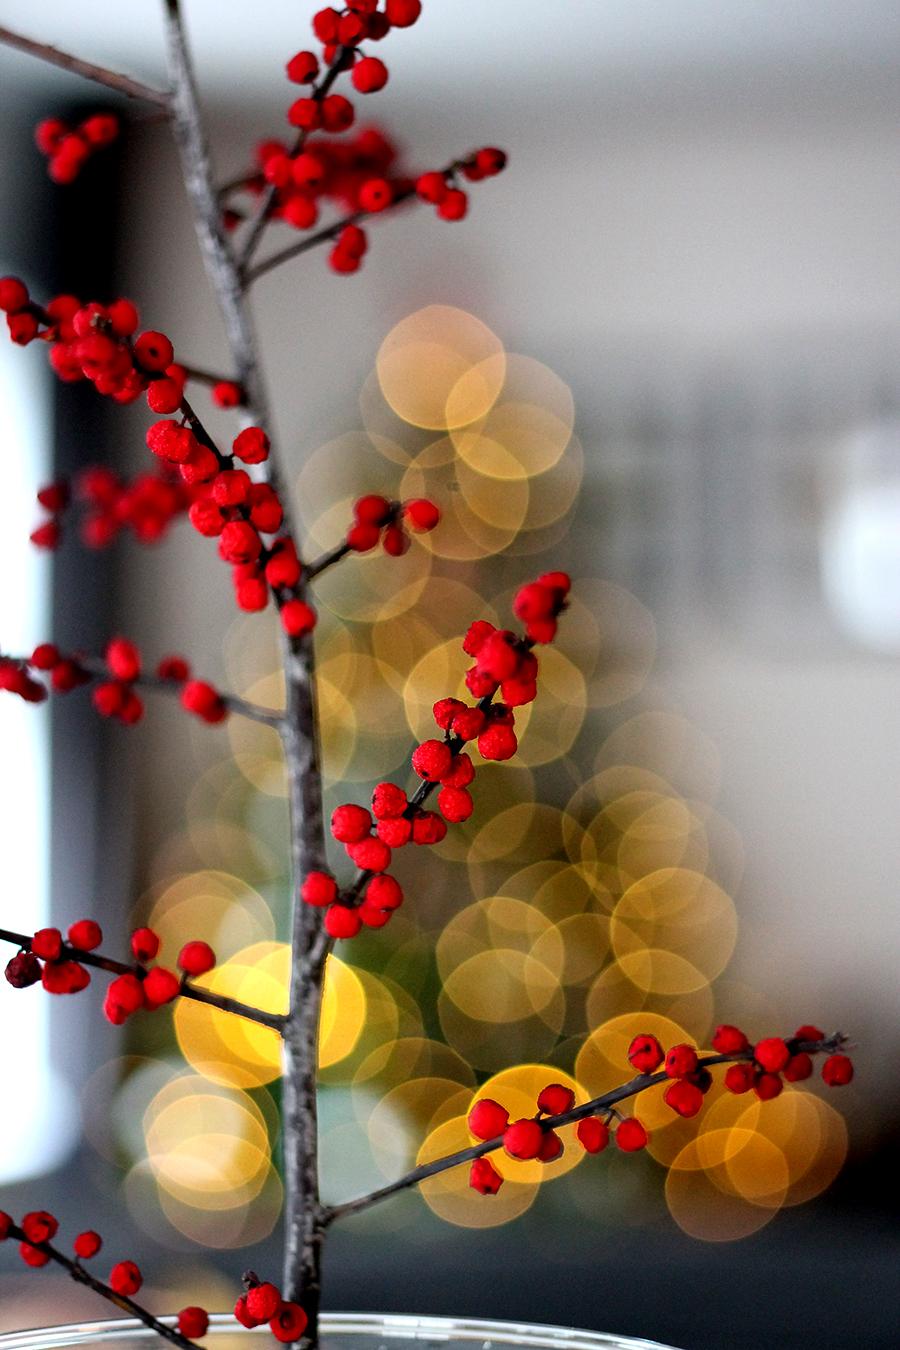 merry christmas, kerst, feestdagen, kerstmis